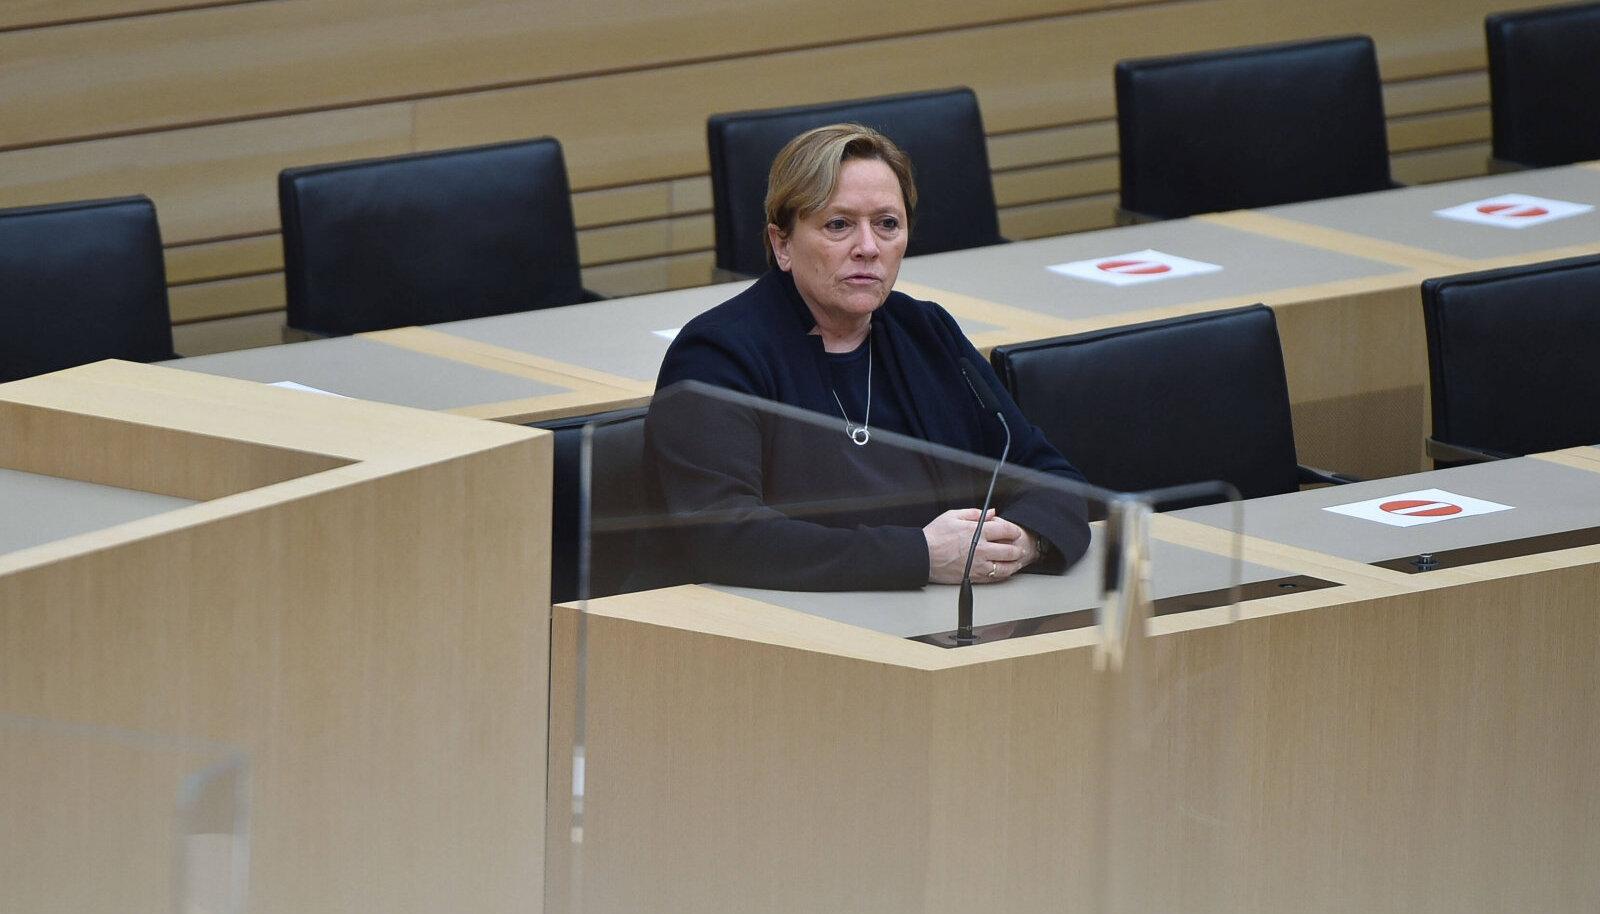 CDU esikandidaat Baden-Württembergis Susanne Eisenmann